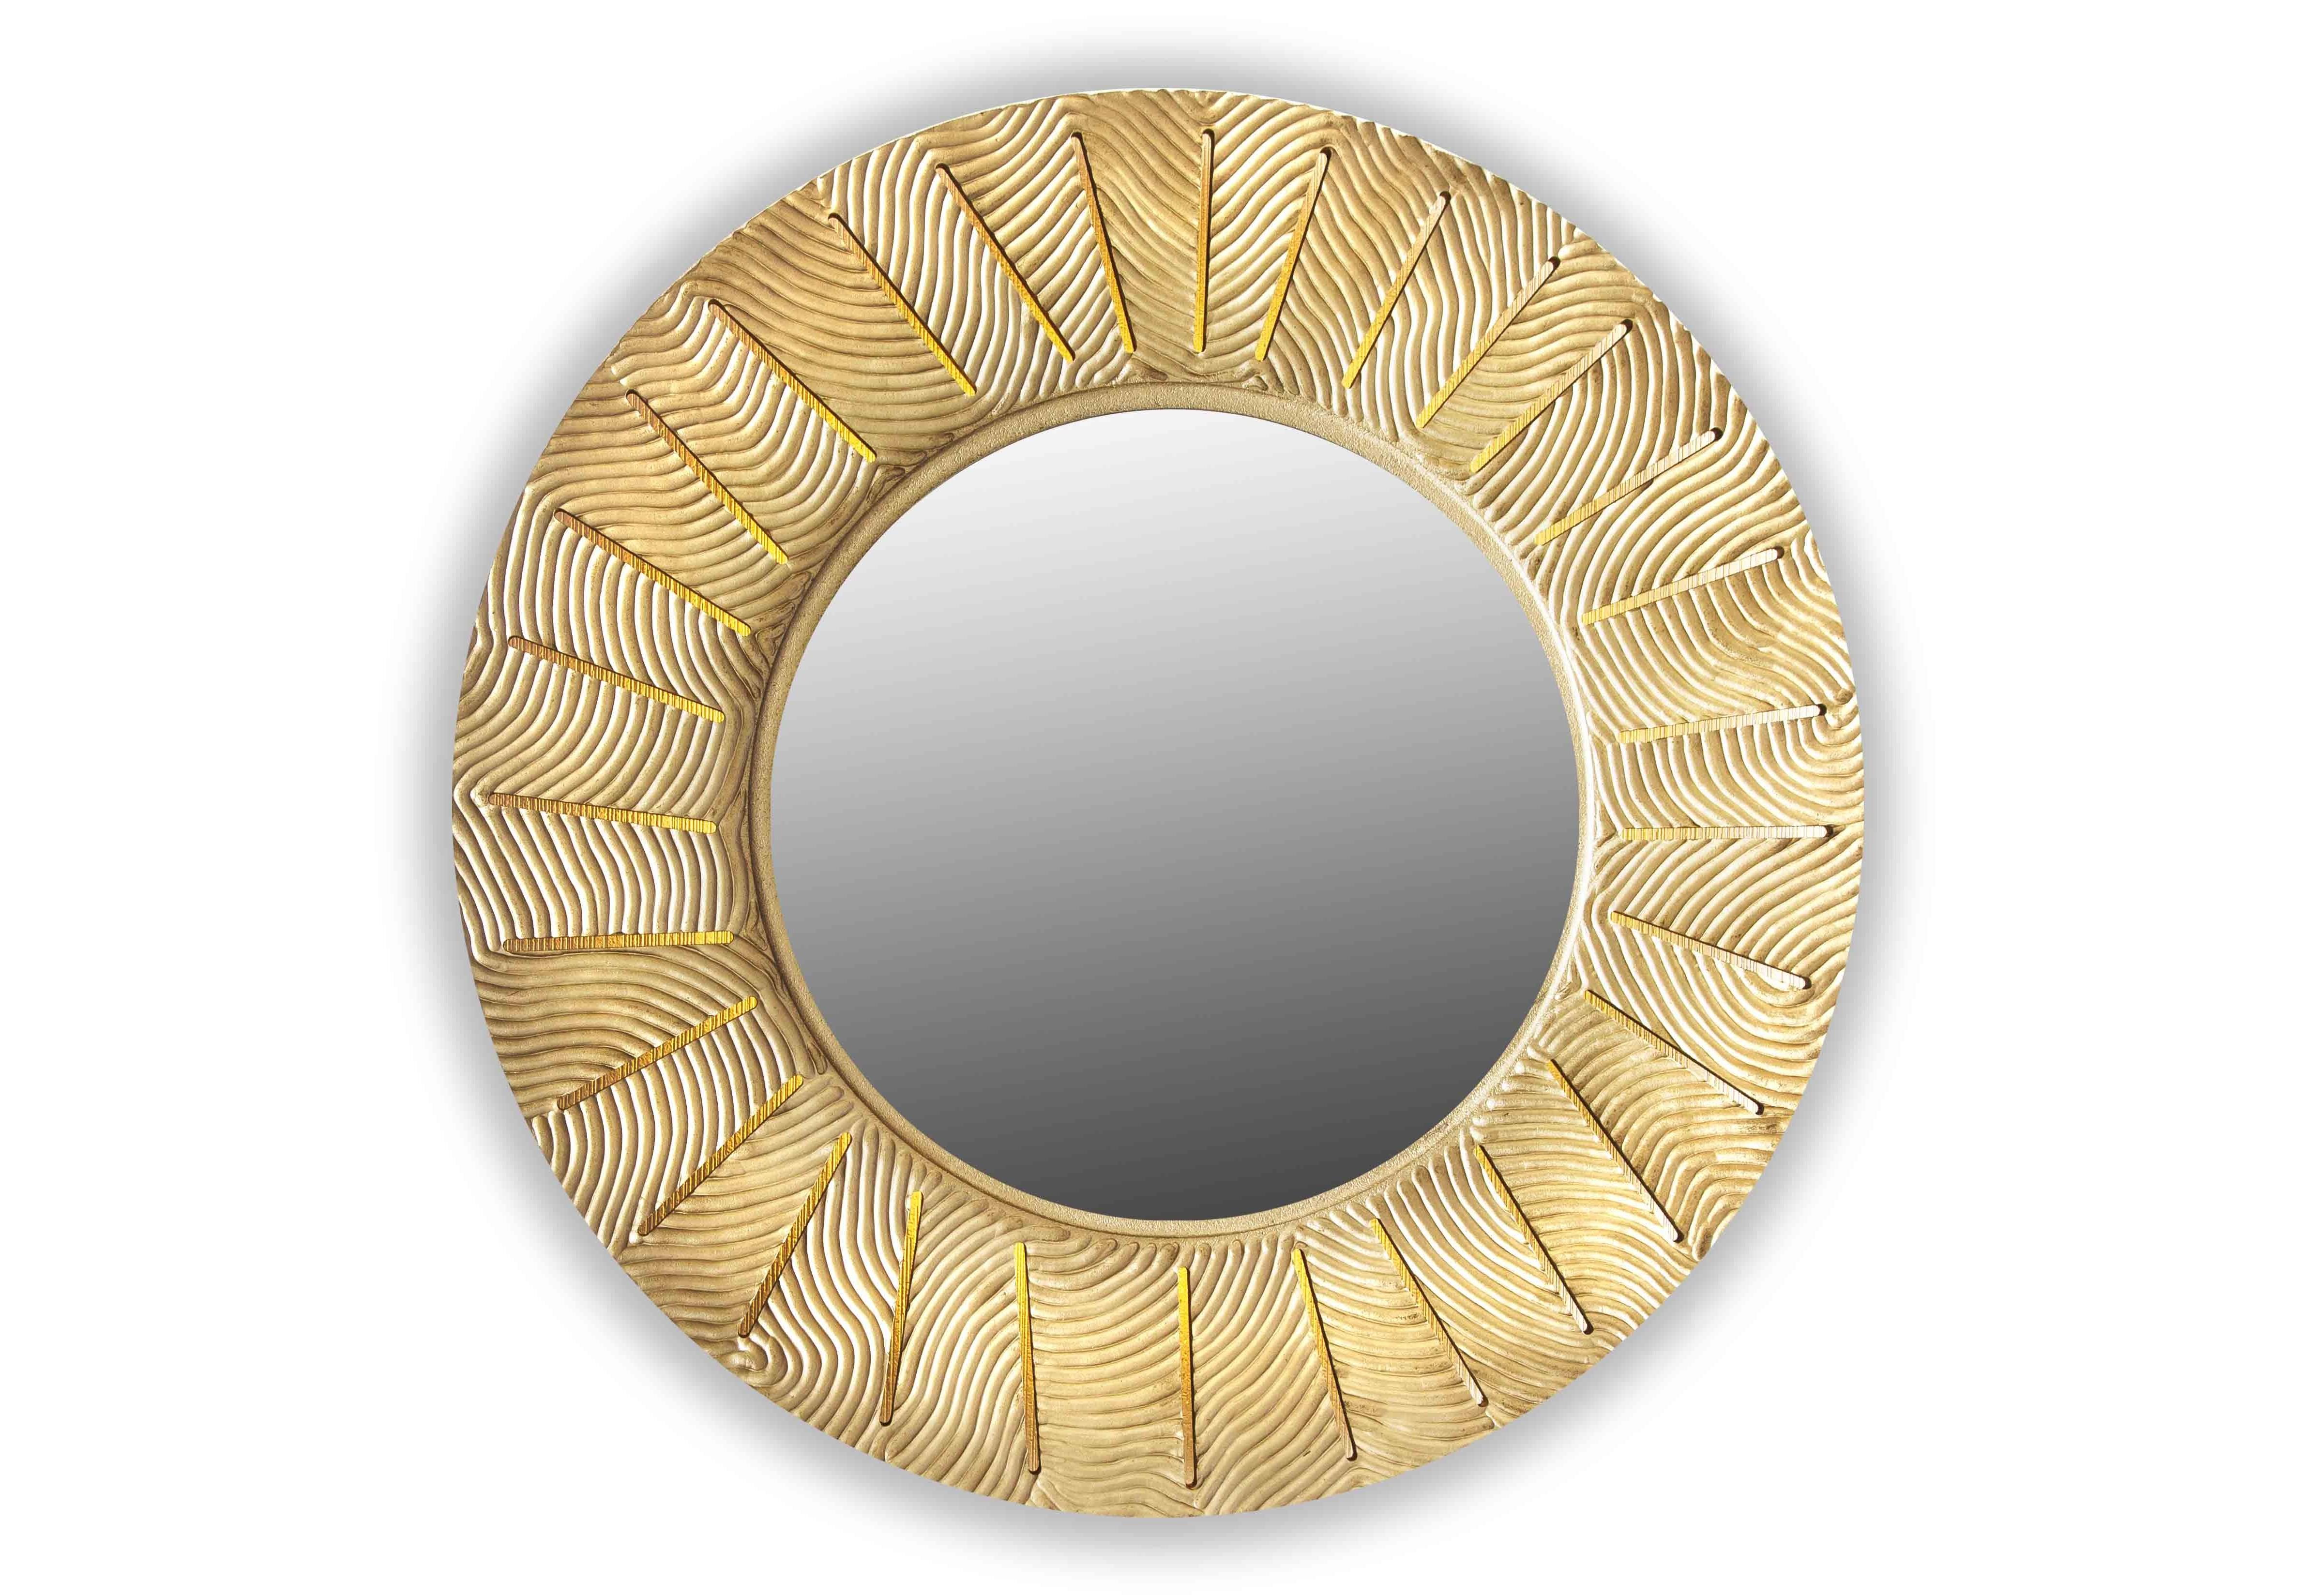 Зеркало SunshineНастенные зеркала<br>&amp;lt;span style=&amp;quot;line-height: 24.9999px;&amp;quot;&amp;gt;Круглое зеркало в резной раме из натуральной древесины – очень эклектично. В этой детали есть и современная практичность, и романтичные этнические нотки. Багет – полностью ручная резка вплоть до мельчайшего изгиба сложного рисунка. Подсветка из 4 светодиодов мягко освещает зеркальную гладь. Размер изделия составляет 990х990 мм, толщина – 7см, вес – 7 кг.&amp;lt;/span&amp;gt;<br><br>Material: Дерево<br>Width см: None<br>Depth см: 0,8<br>Height см: None<br>Diameter см: 90